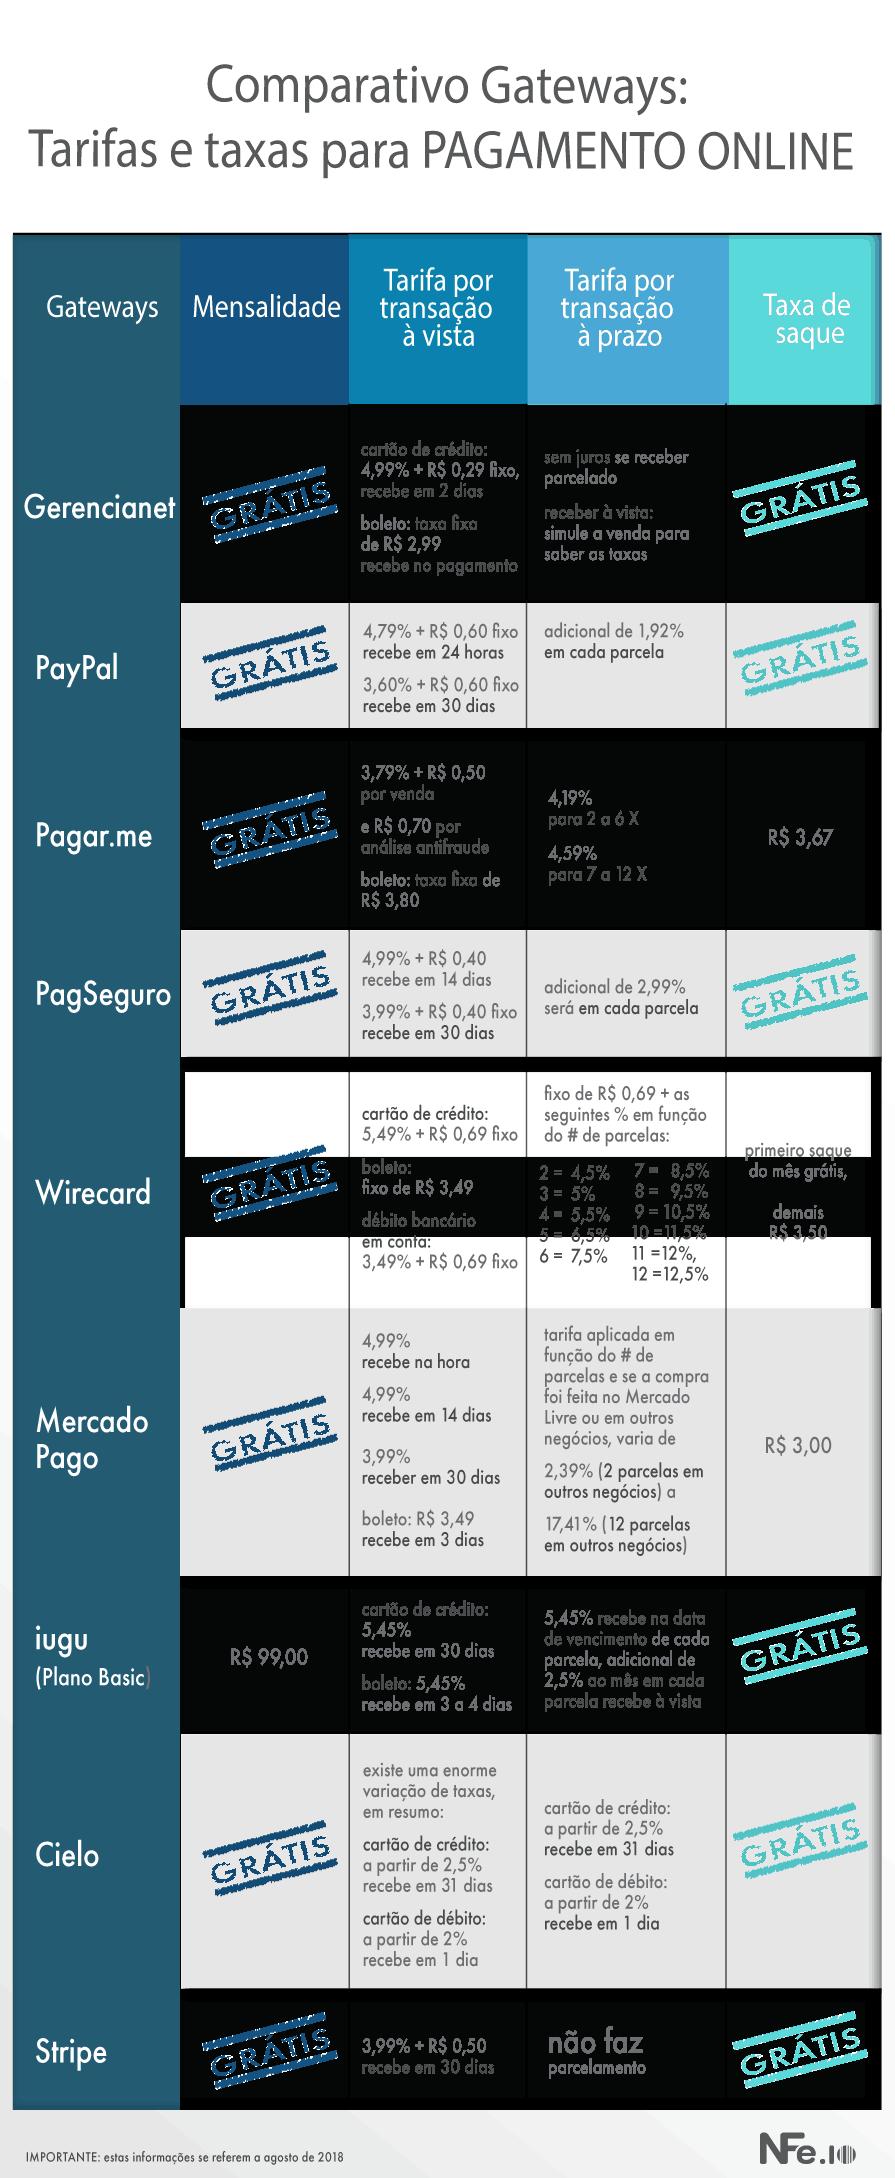 qual o gateway de pagamento mais barato